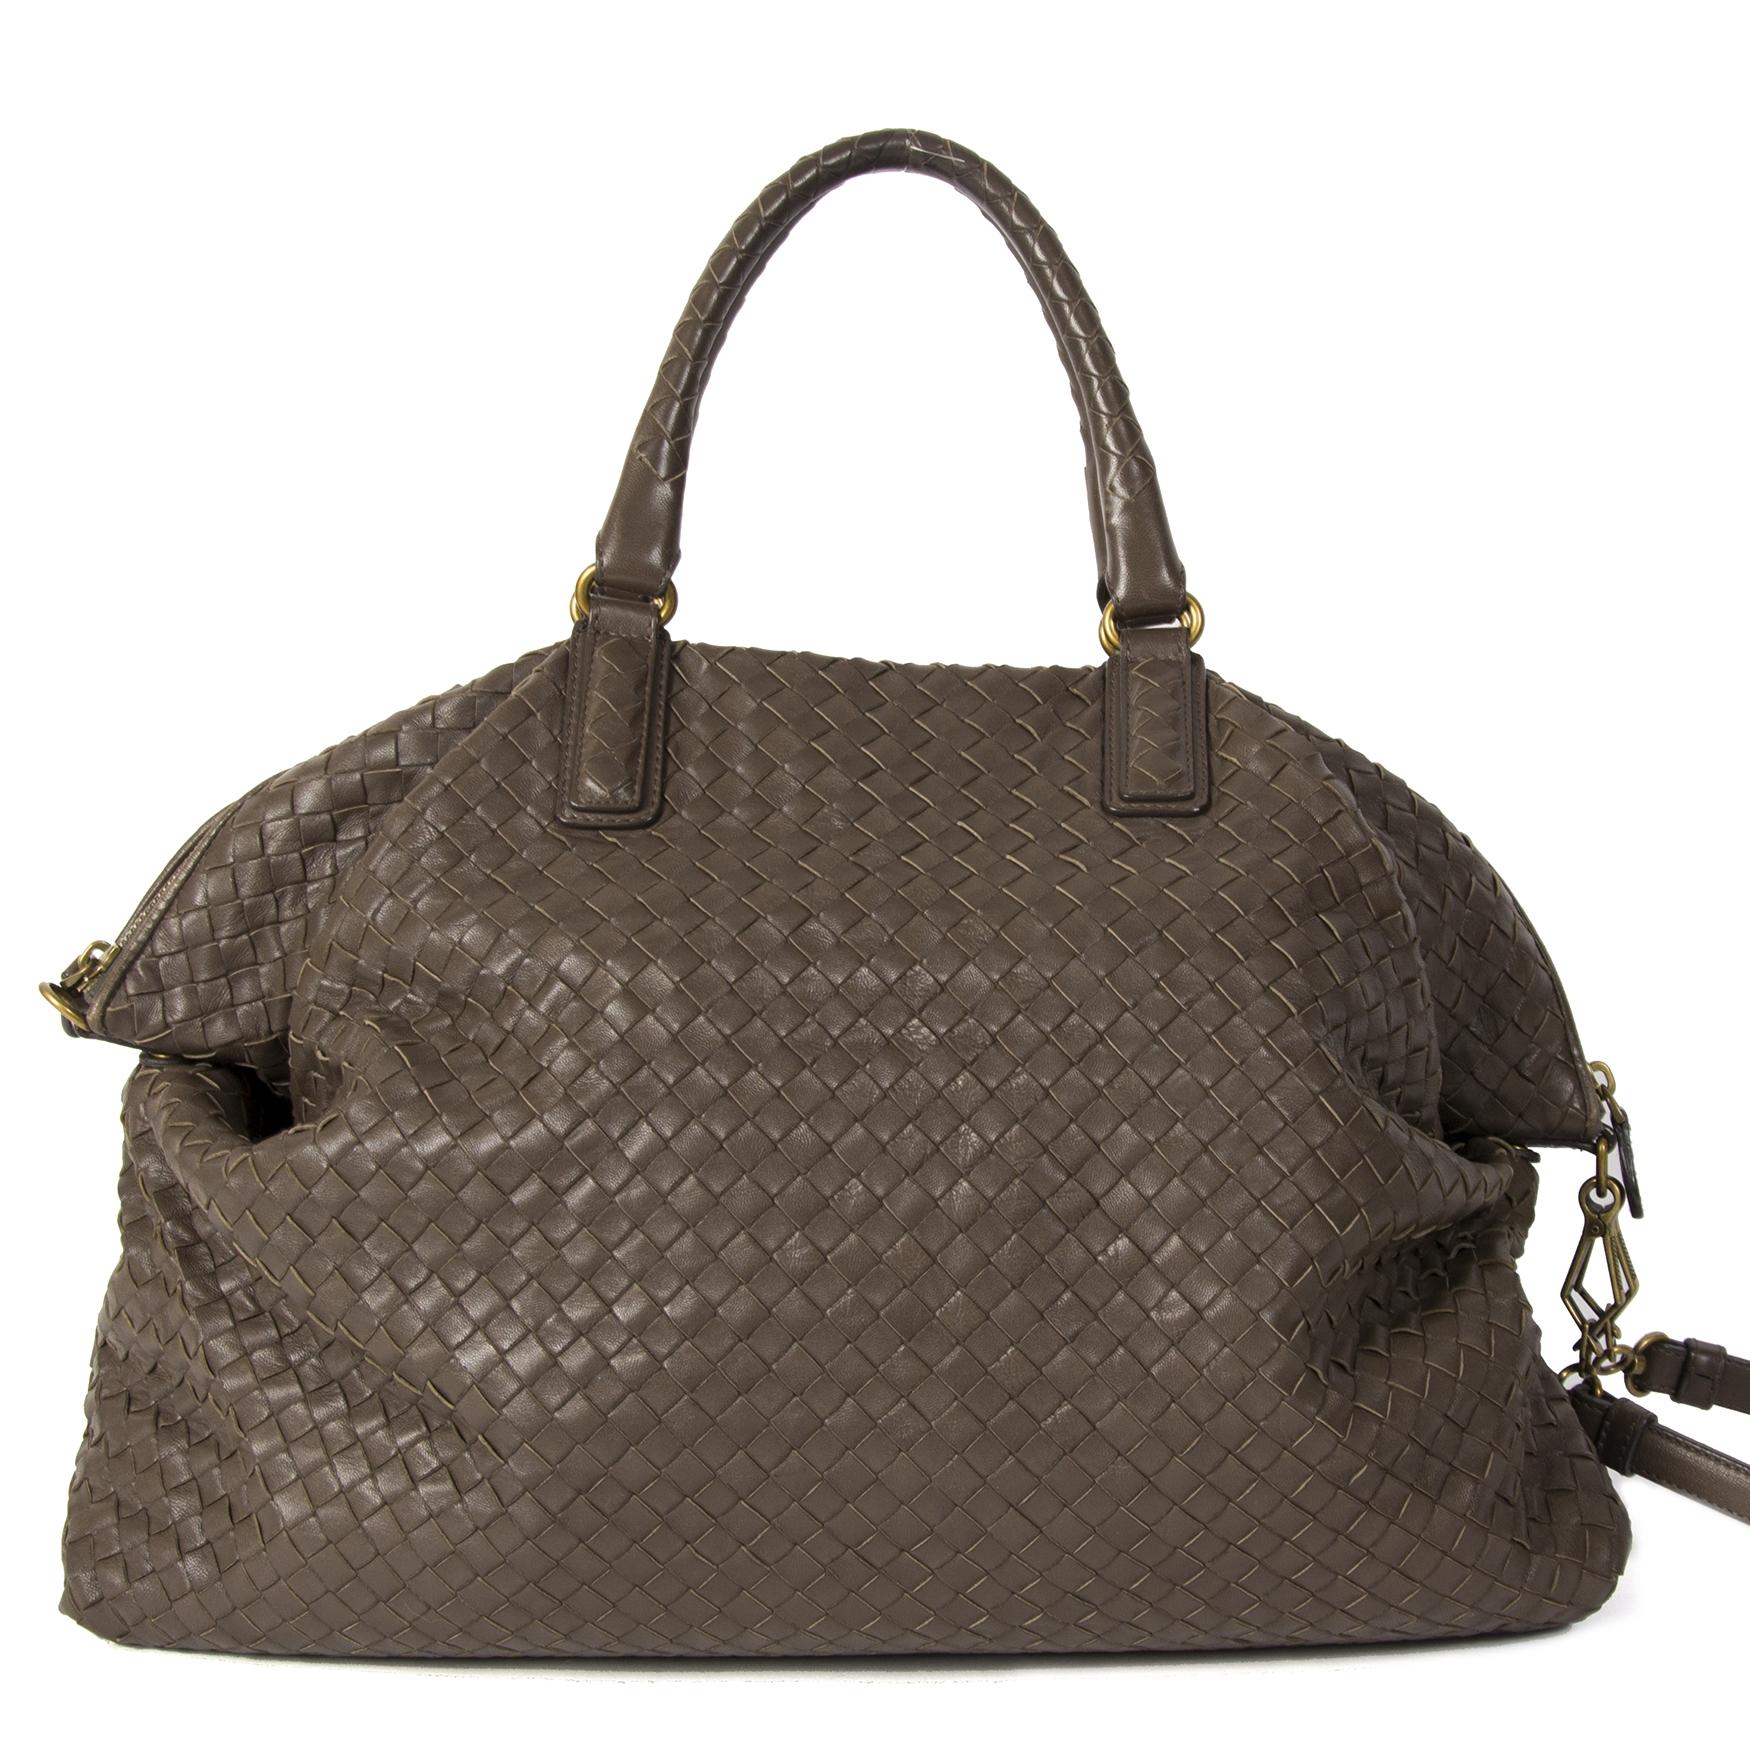 Authentieke tweedehands Bottege Veneta Bruin Intrecciato schoudertas juiste prijs veilig online winkelen LabelLOV webshop luxe merken winkelen Antwerpen België mode fashion